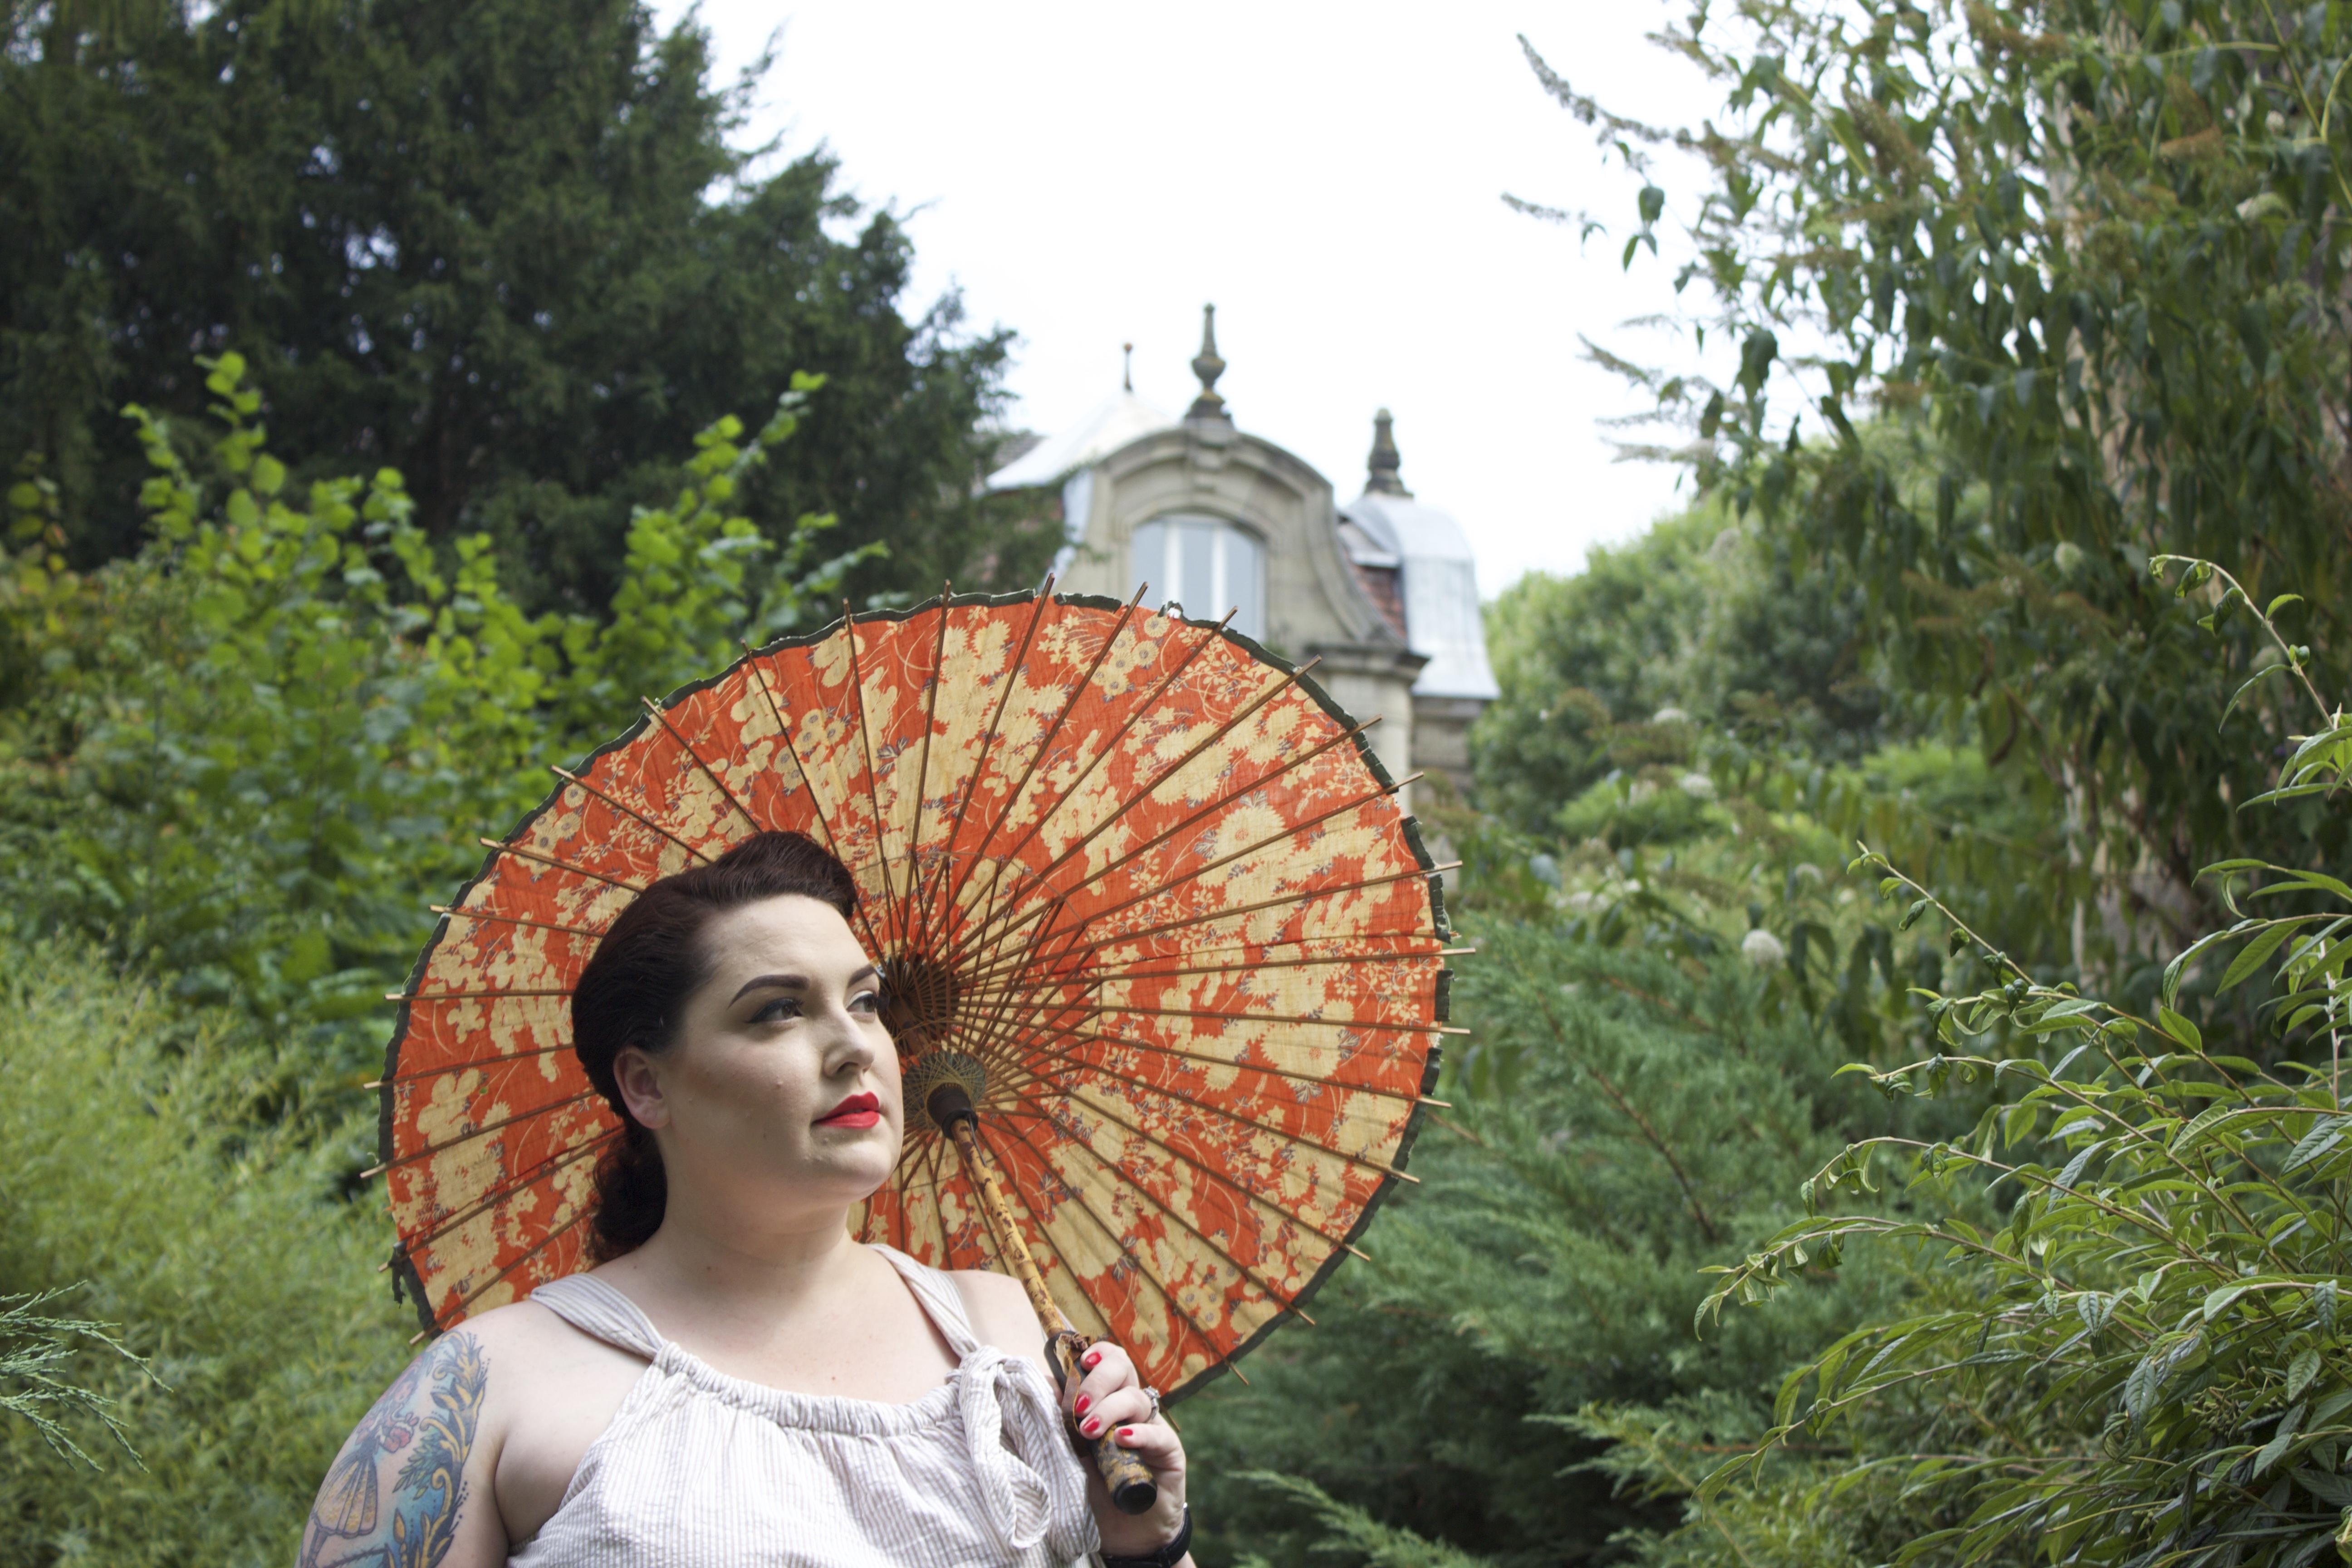 Seersucker dress in Metz